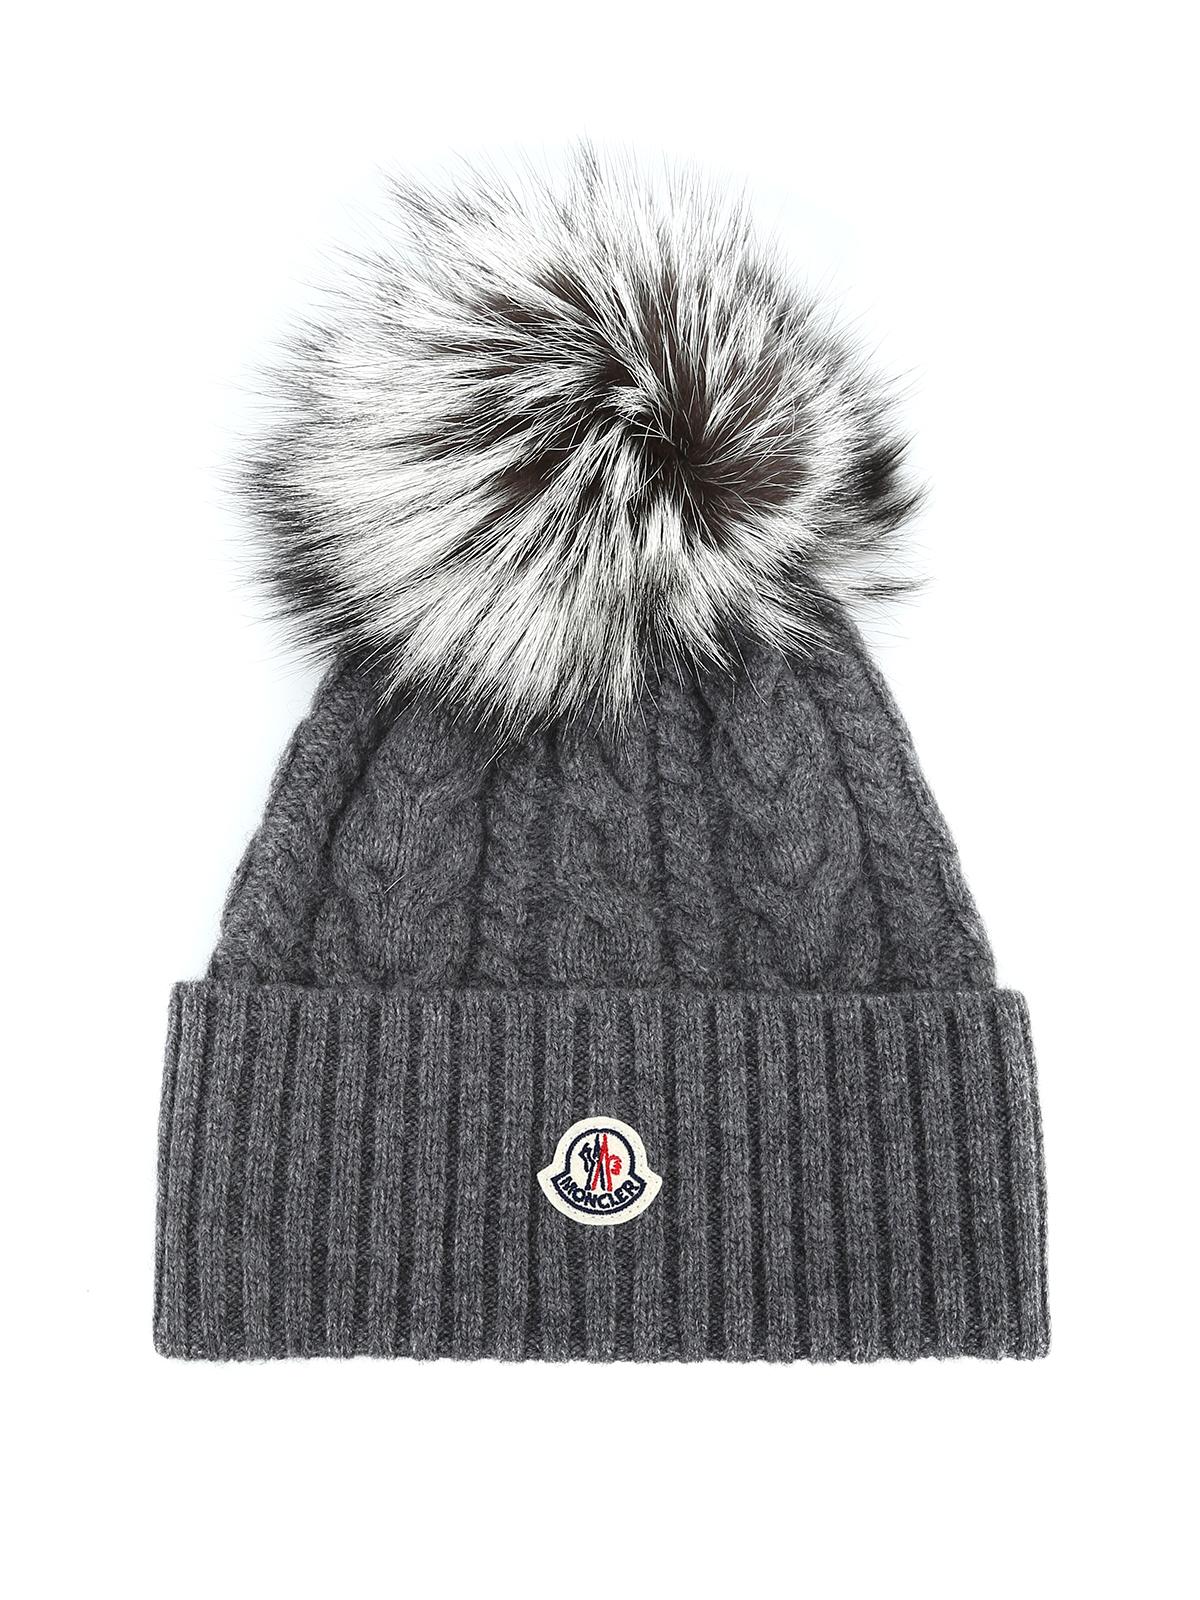 d737b956dcb91 Moncler - Fur pompom grey cable knit beanie - beanies - D2 093 ...